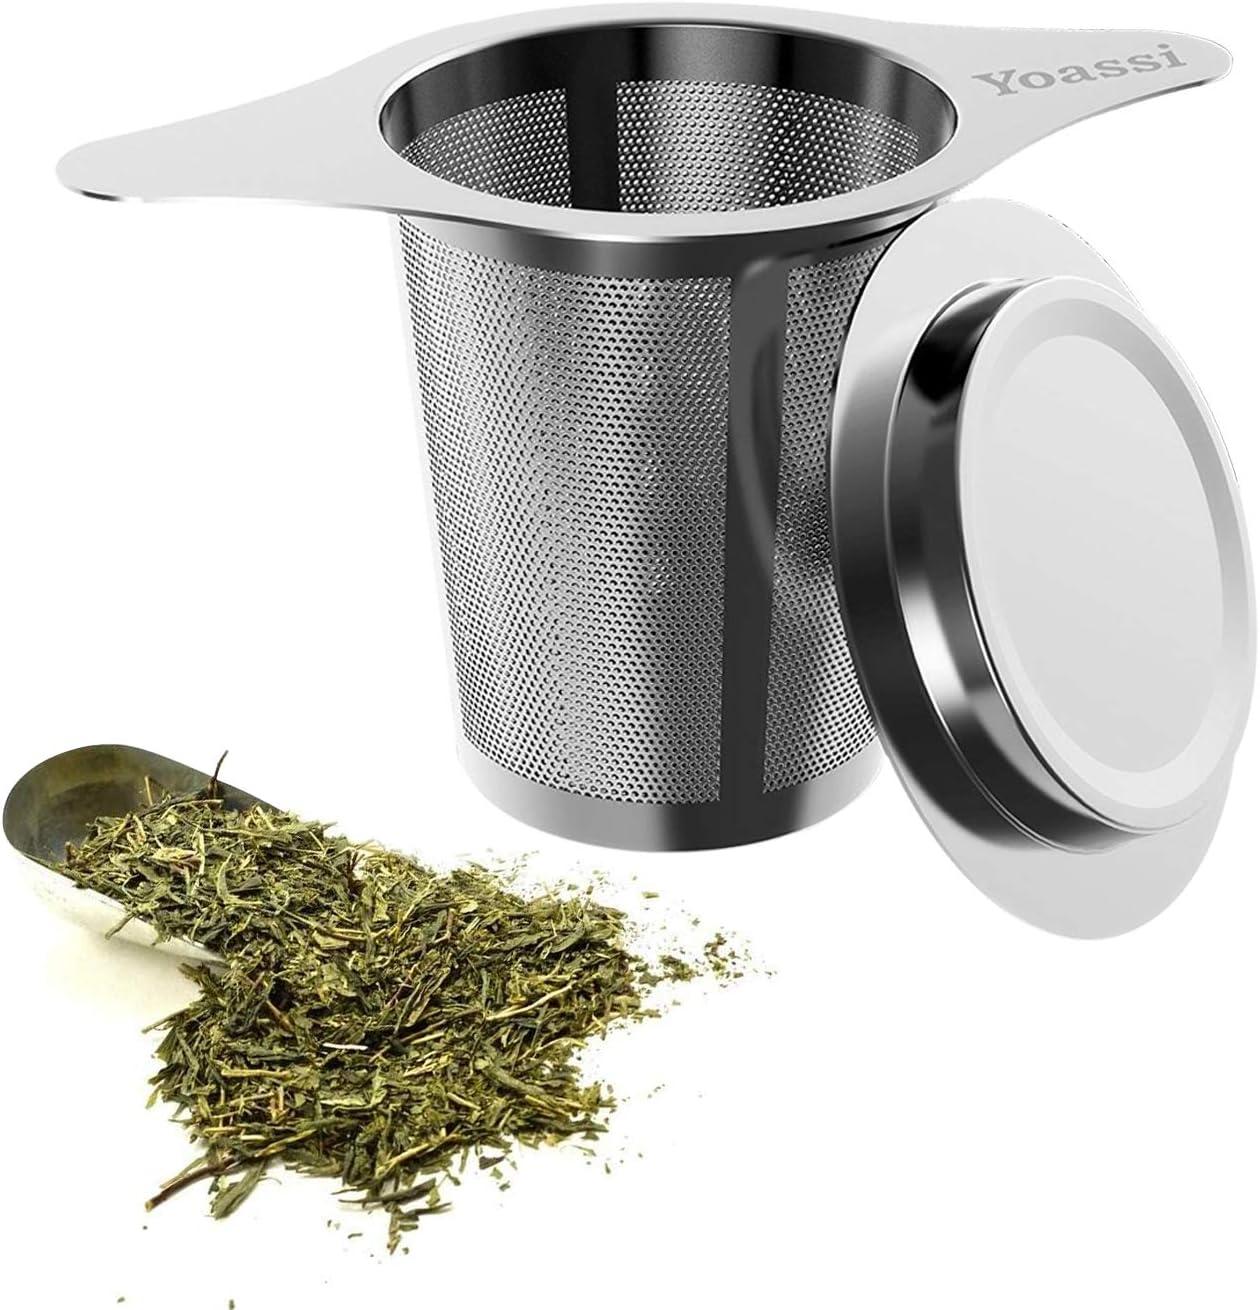 12Pcs 45MM Acier inoxydable Acier inoxydable Herbal /épices Boule Passoire /à th/é Infuseur /à th/é en vrac Lot de filtres outils